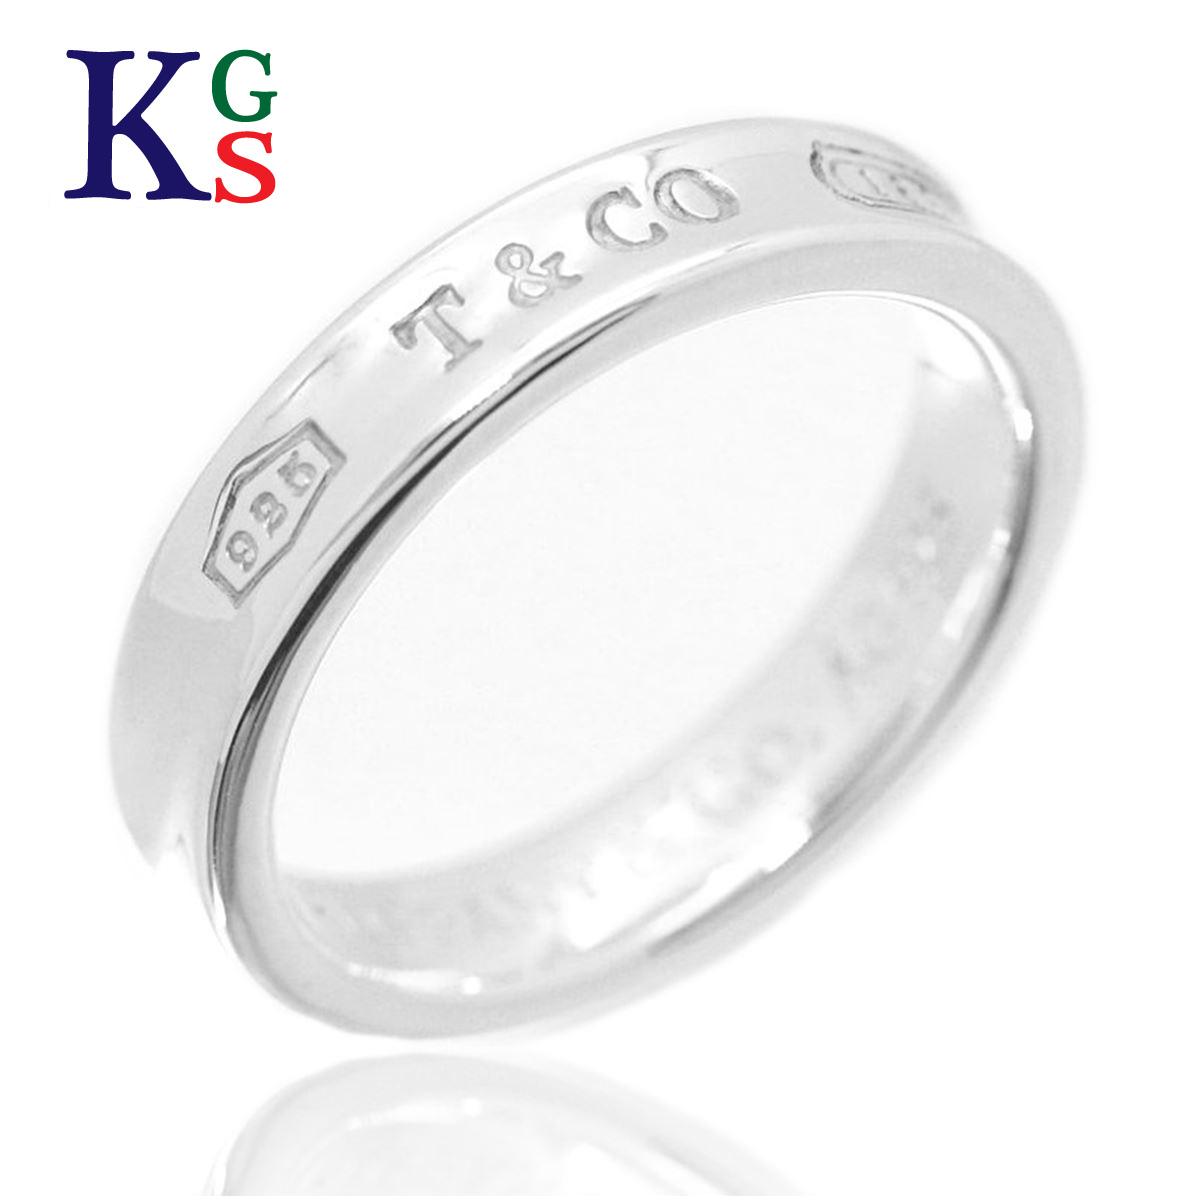 【ギフト品質】【名入れ】ティファニー/Tiffany&co レディース ジュエリー 1837 ナローリング/指輪 Ag925 シルバー